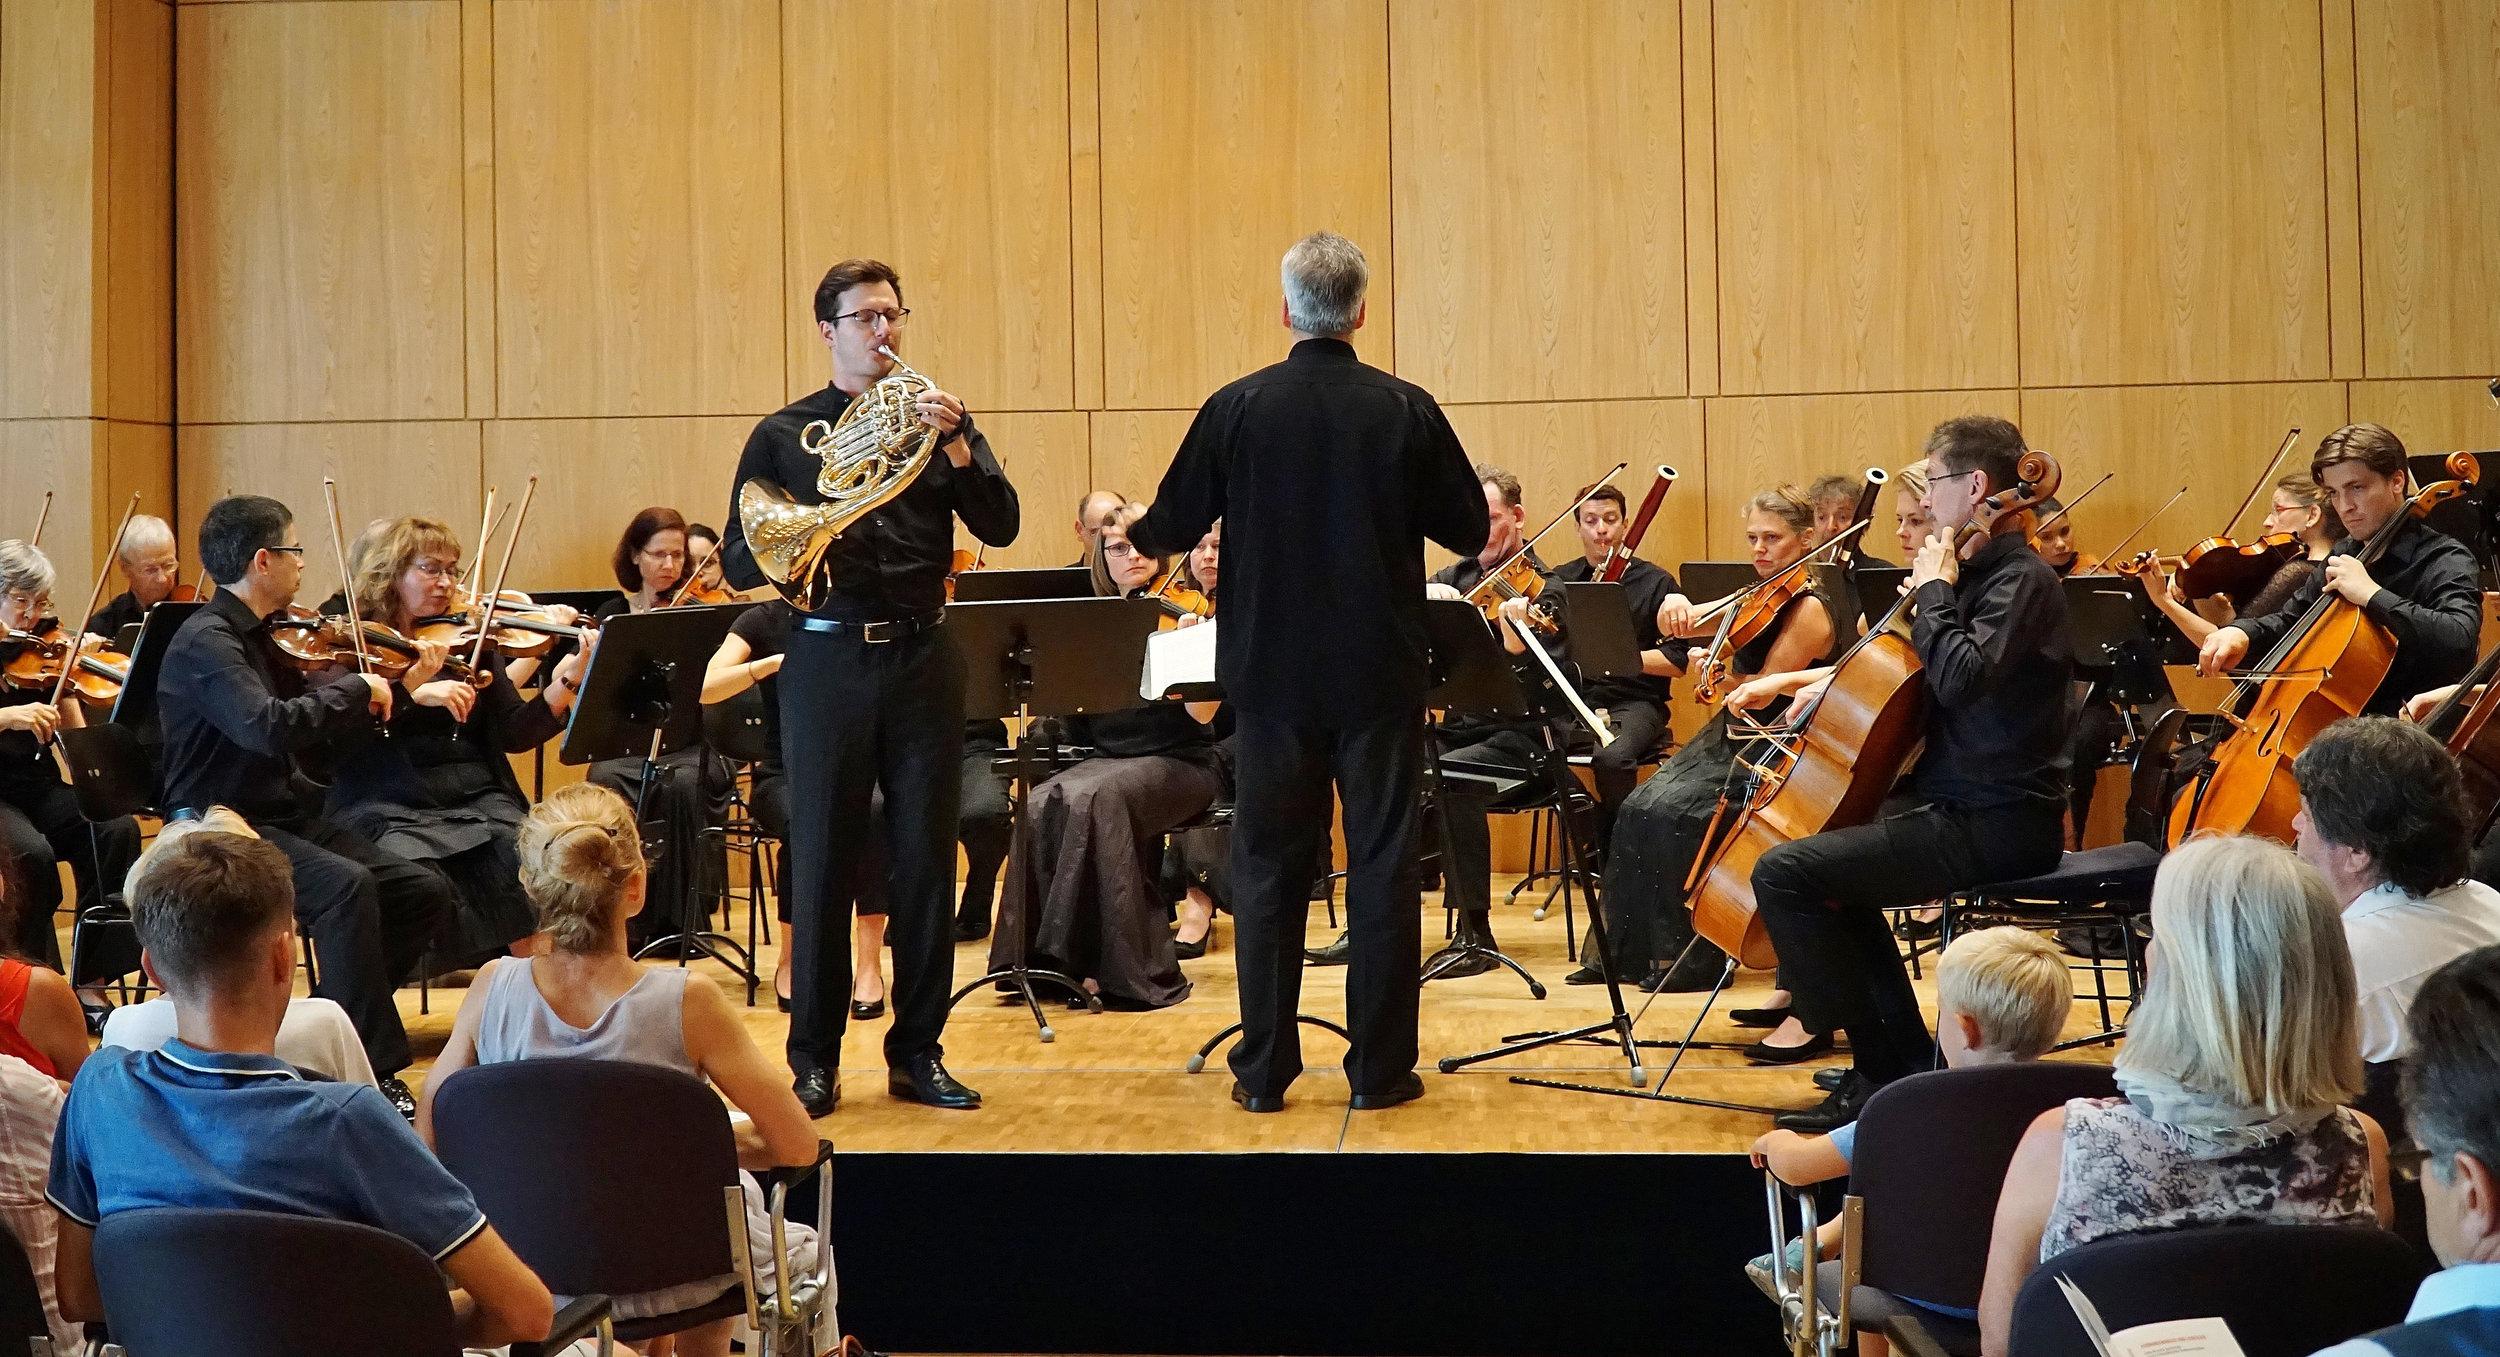 Überzeugender Auftritt: Hornist Marc Gruber und das Orchester Collegium Musicum unter Leitung von Arndt Heyer beim Schlosskonzert im kleinen Saal der Aschaffenburger Stadthalle. ⋌Foto: Melanie Pollinger